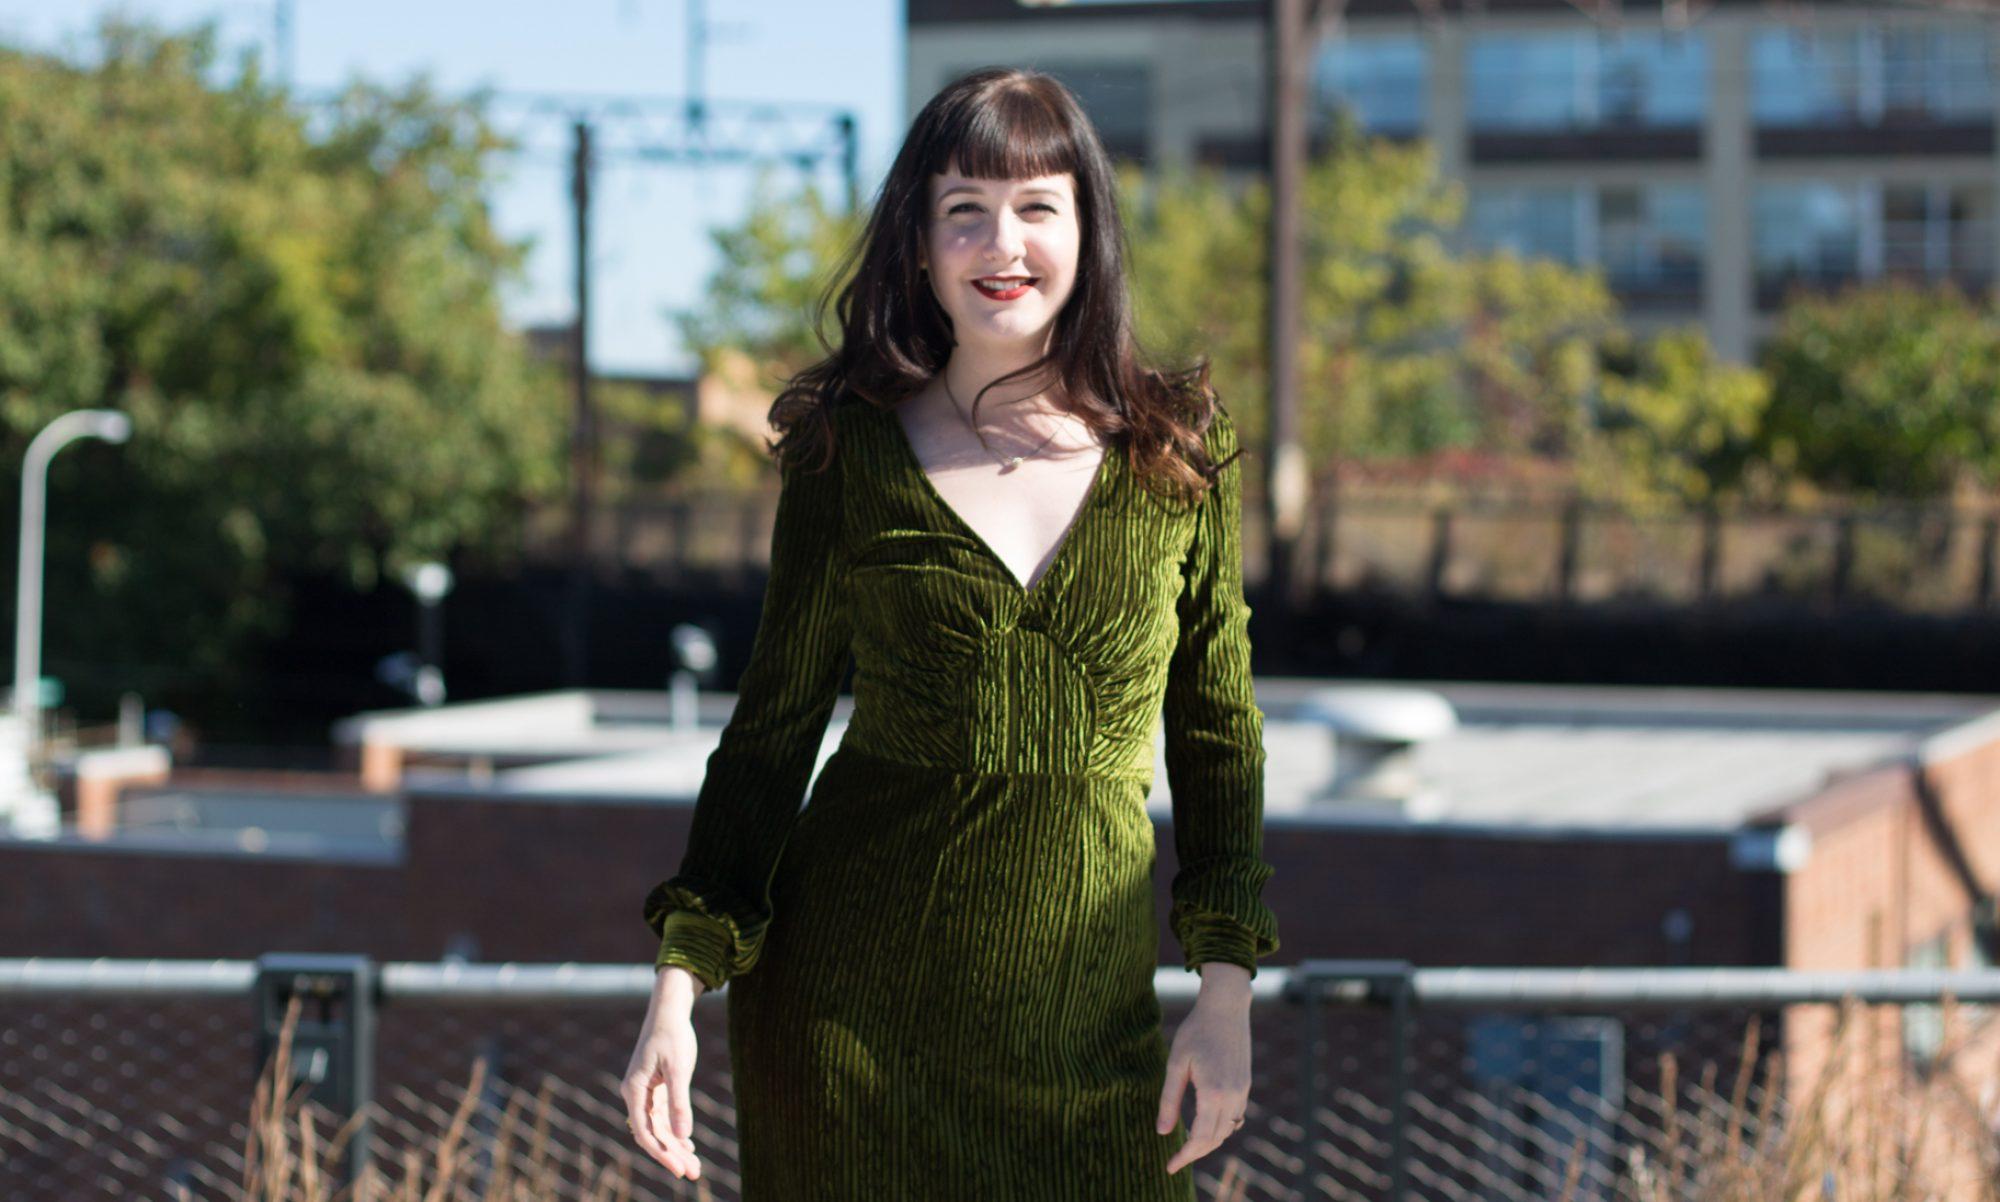 Brenna Markey